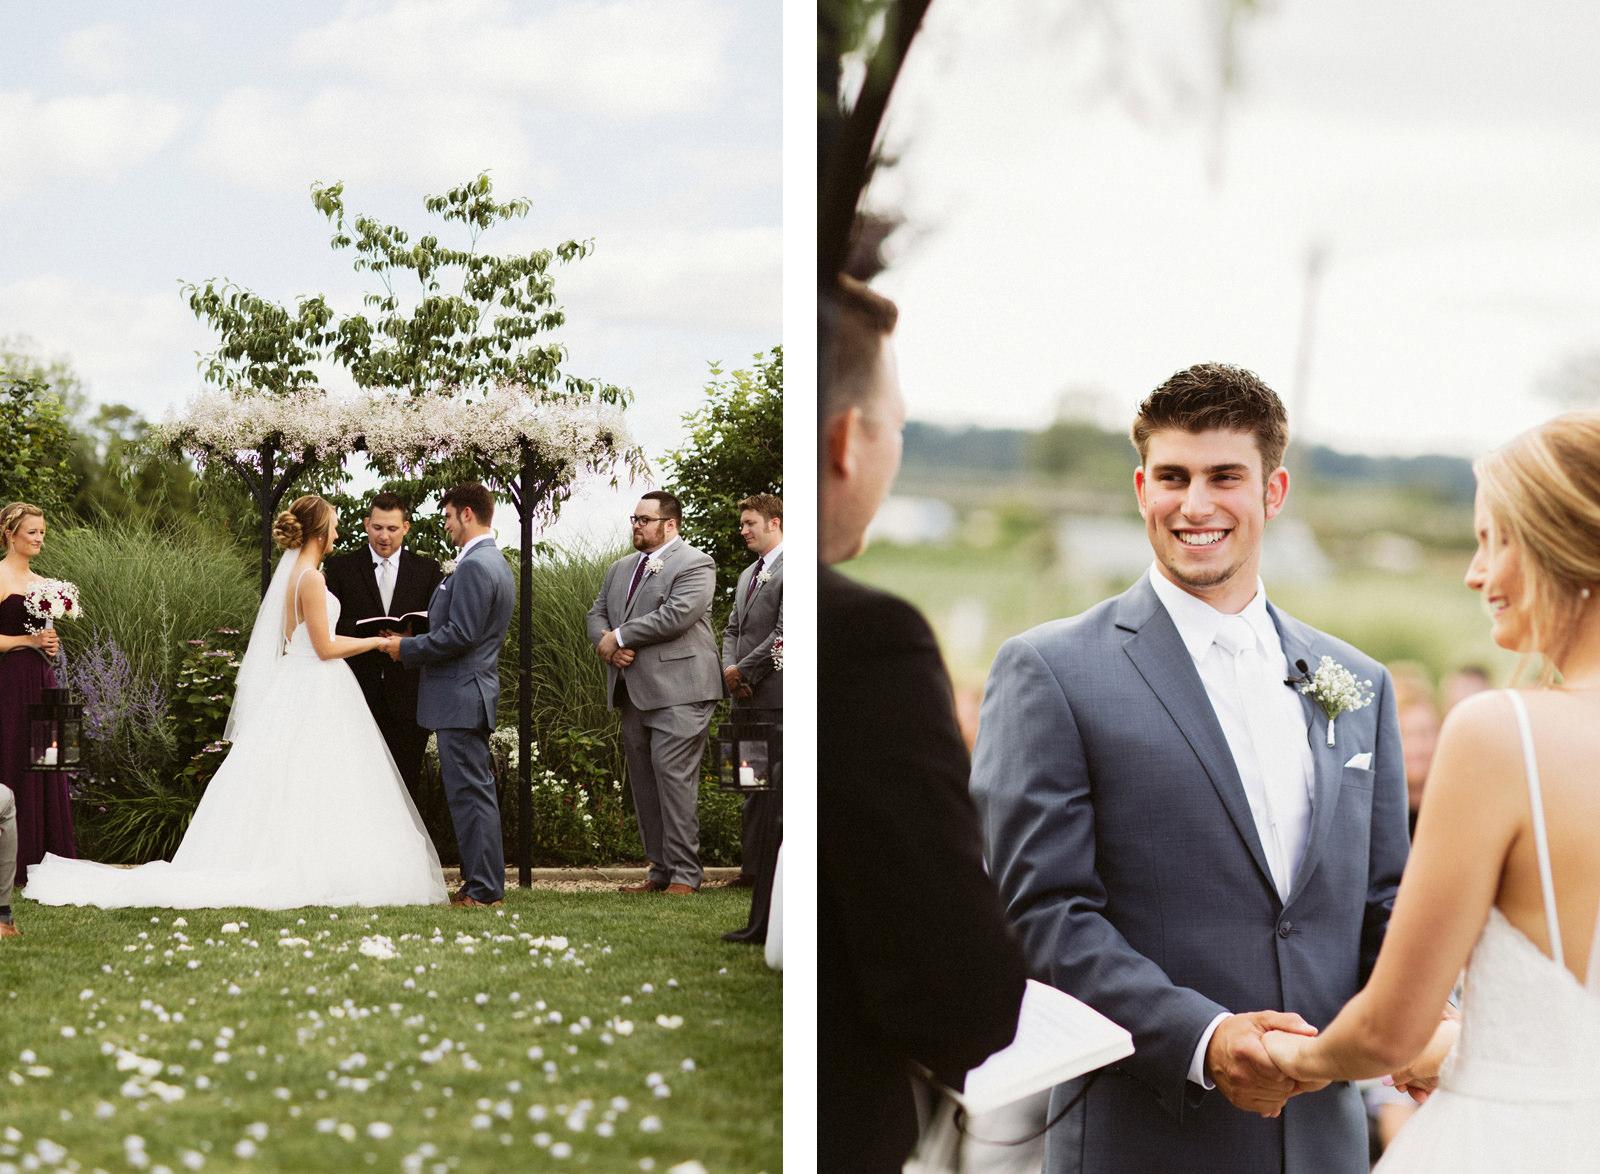 jacobregan-blog-21 SCHILLER FAMILY FARM WEDDING